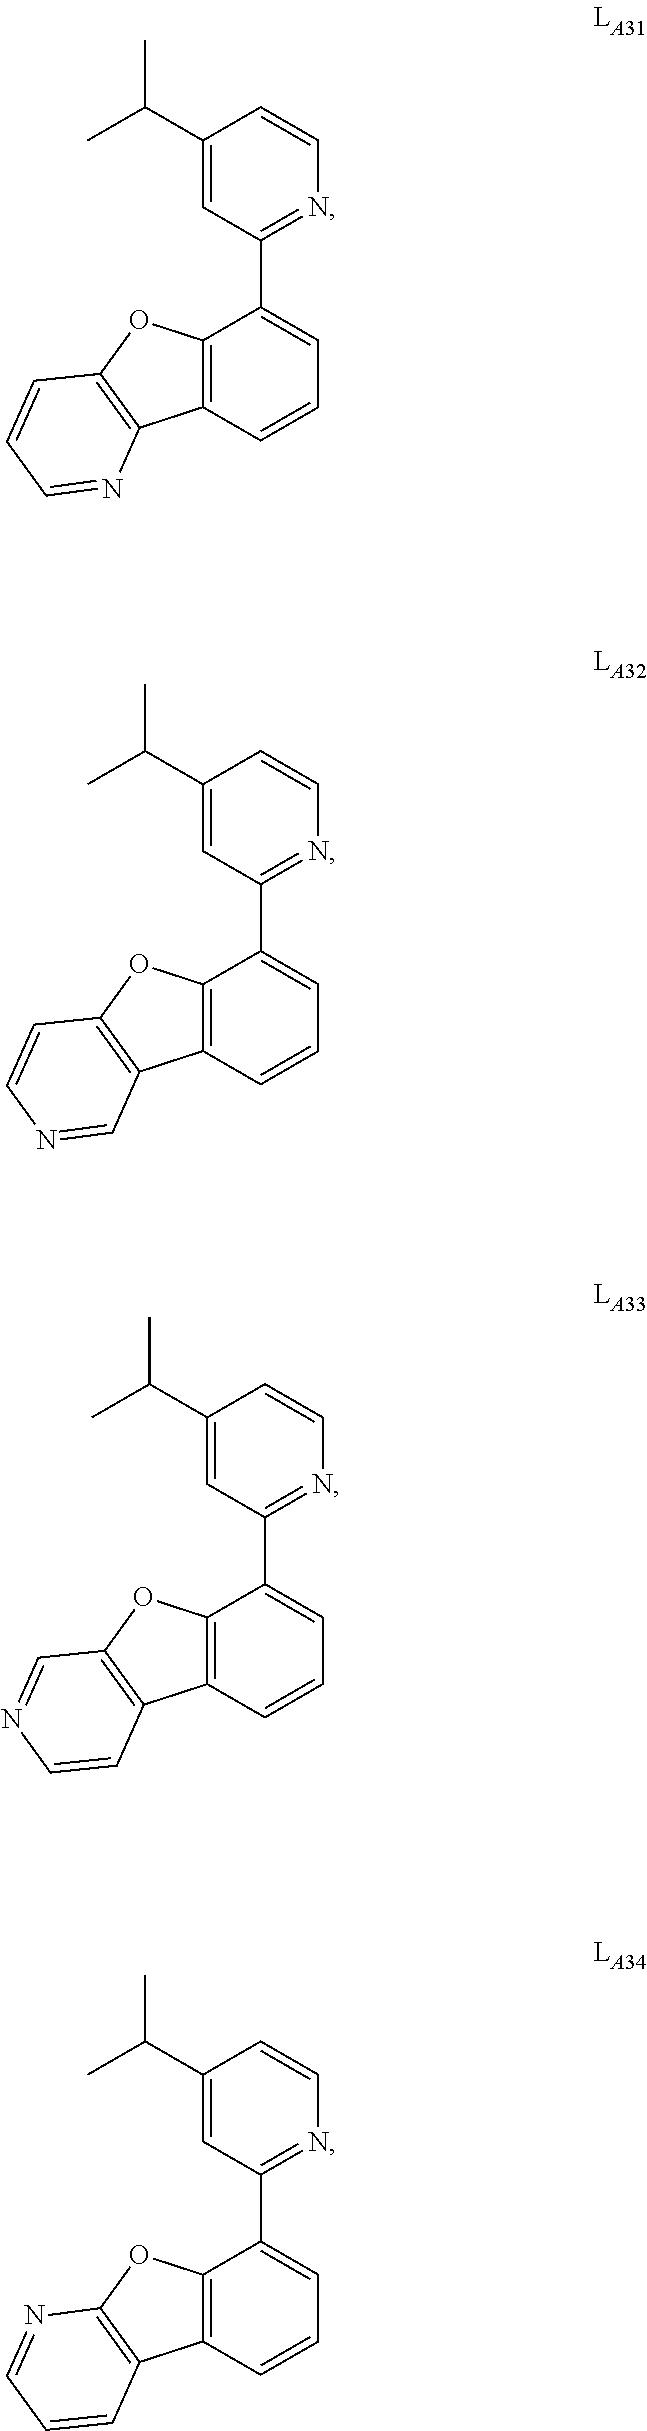 Figure US09634264-20170425-C00055